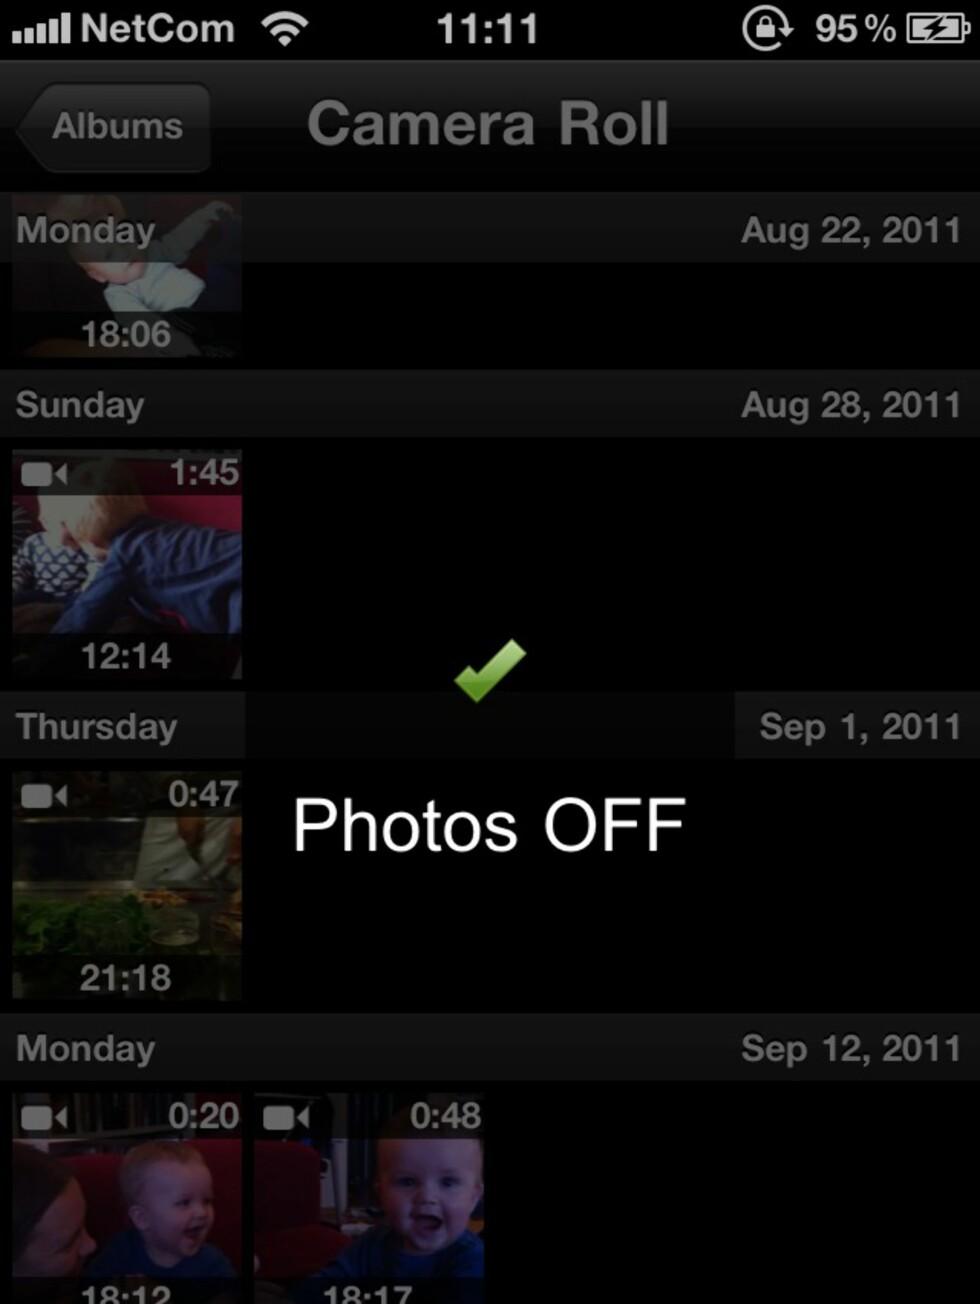 VALGFRIHET: Du kan skru av all tilleggsinformasjonen under bildene (dato og tid), og du kan dessuten velge å vise bare bilder eller bare videoer i biblioteket.